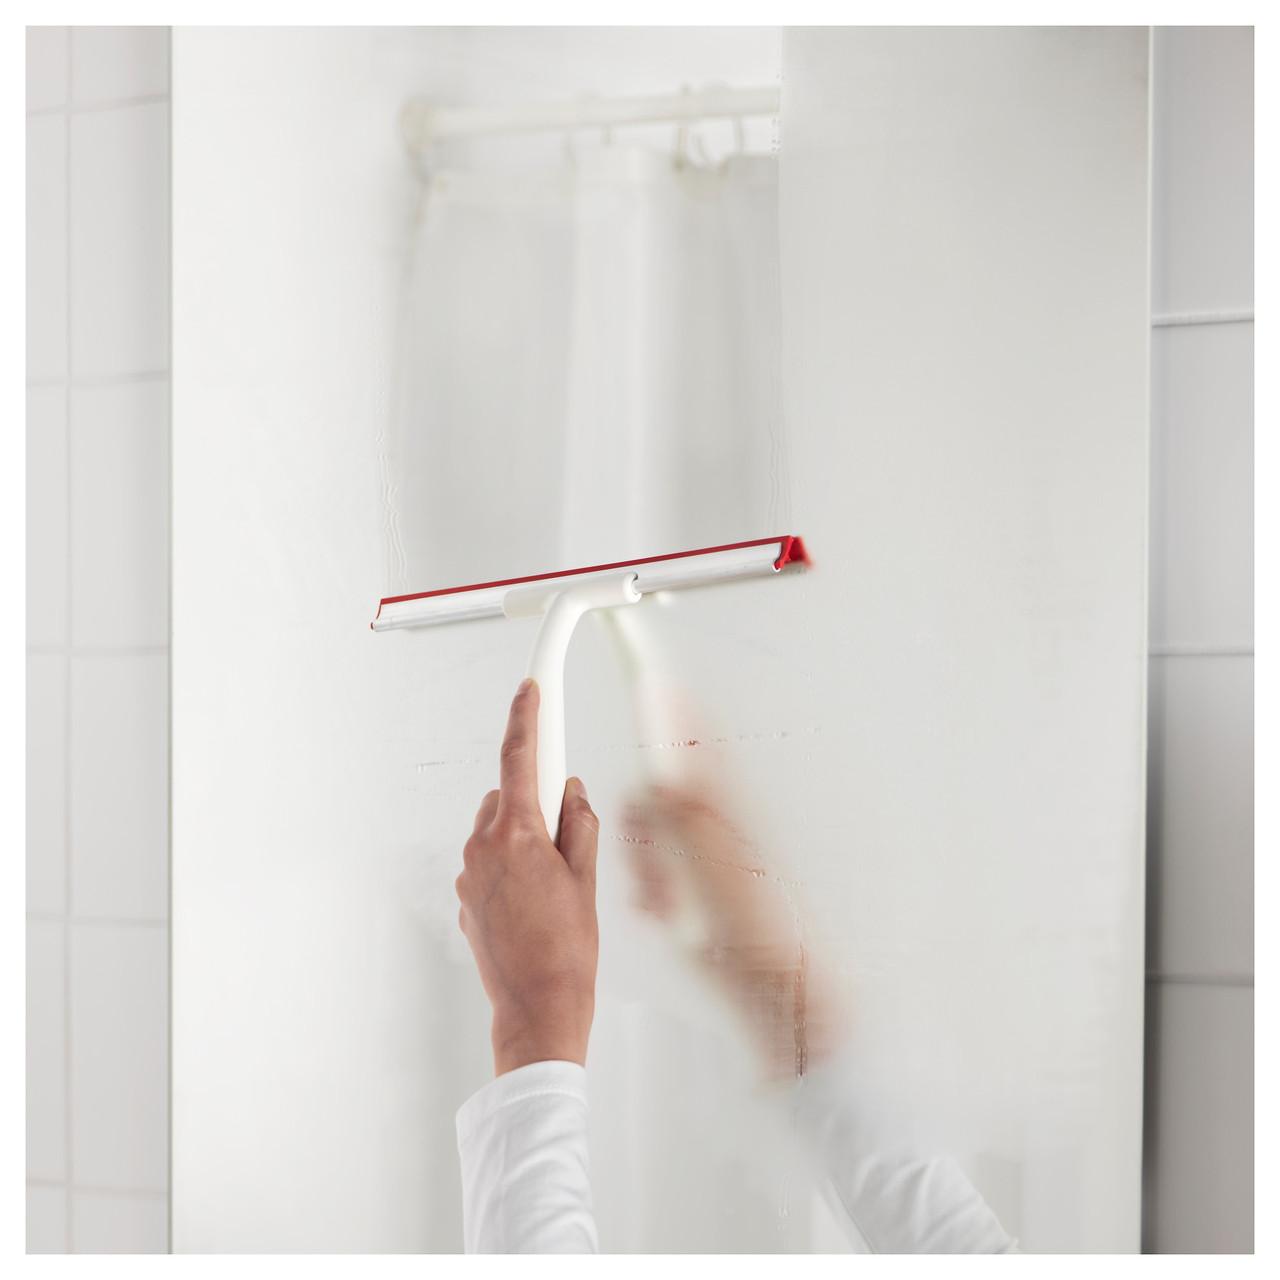 ЛИЛЛЬНАГЕН Скребок для чистки окон и зеркал, 40243596, IKEA, ИКЕА, LIL 2